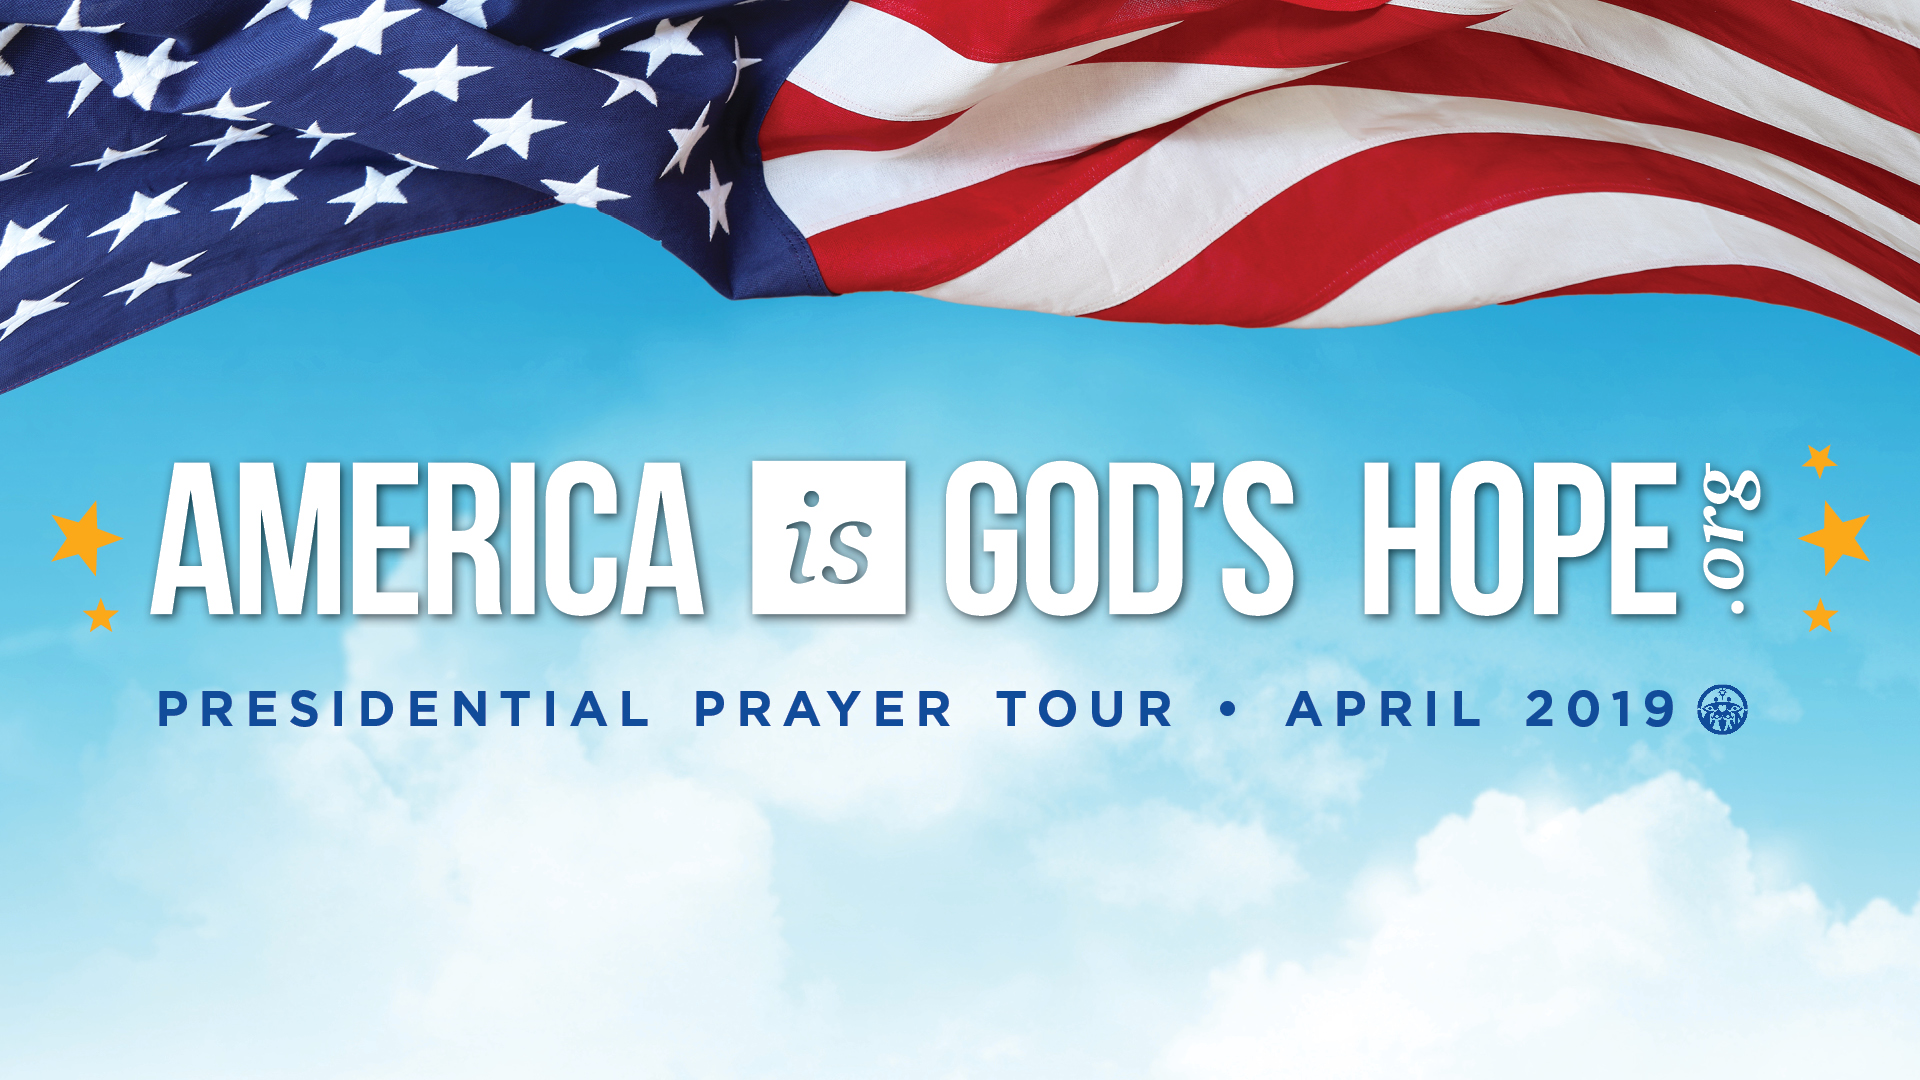 America is God's Hope Stillstore_1920x1080.jpg